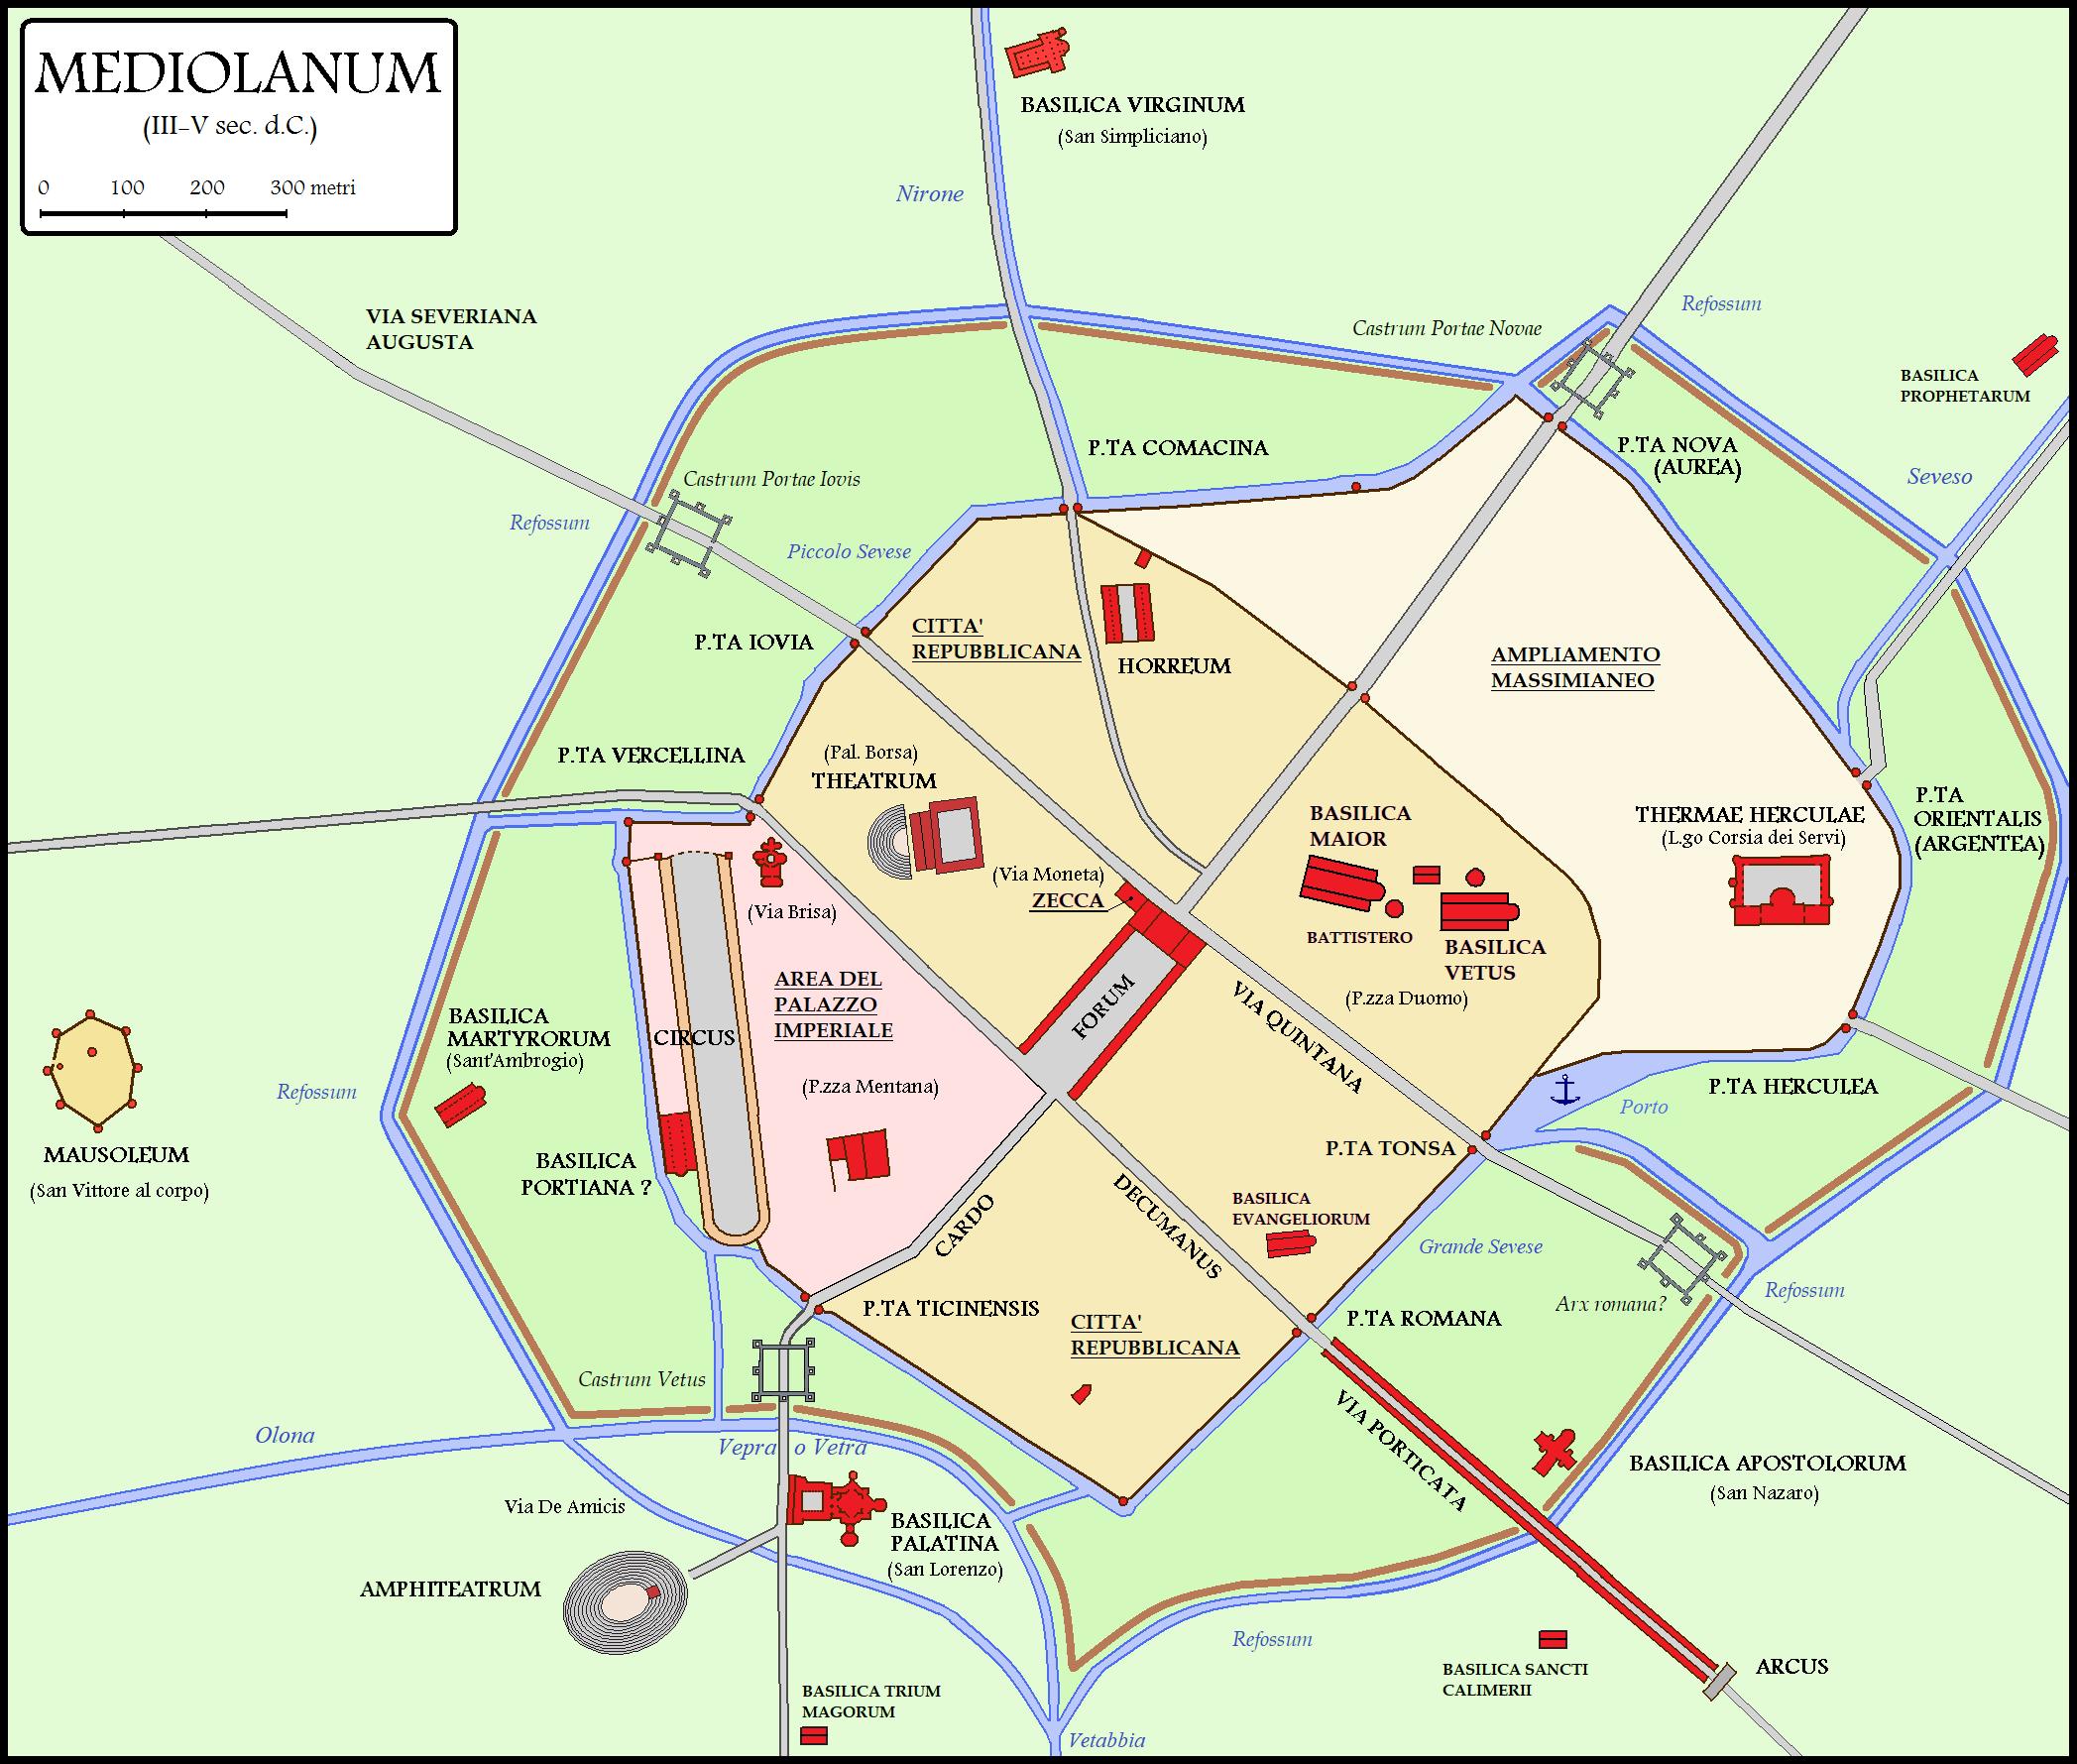 scegli originale migliore online cerca autentico Battle of Mediolanum - Wikipedia